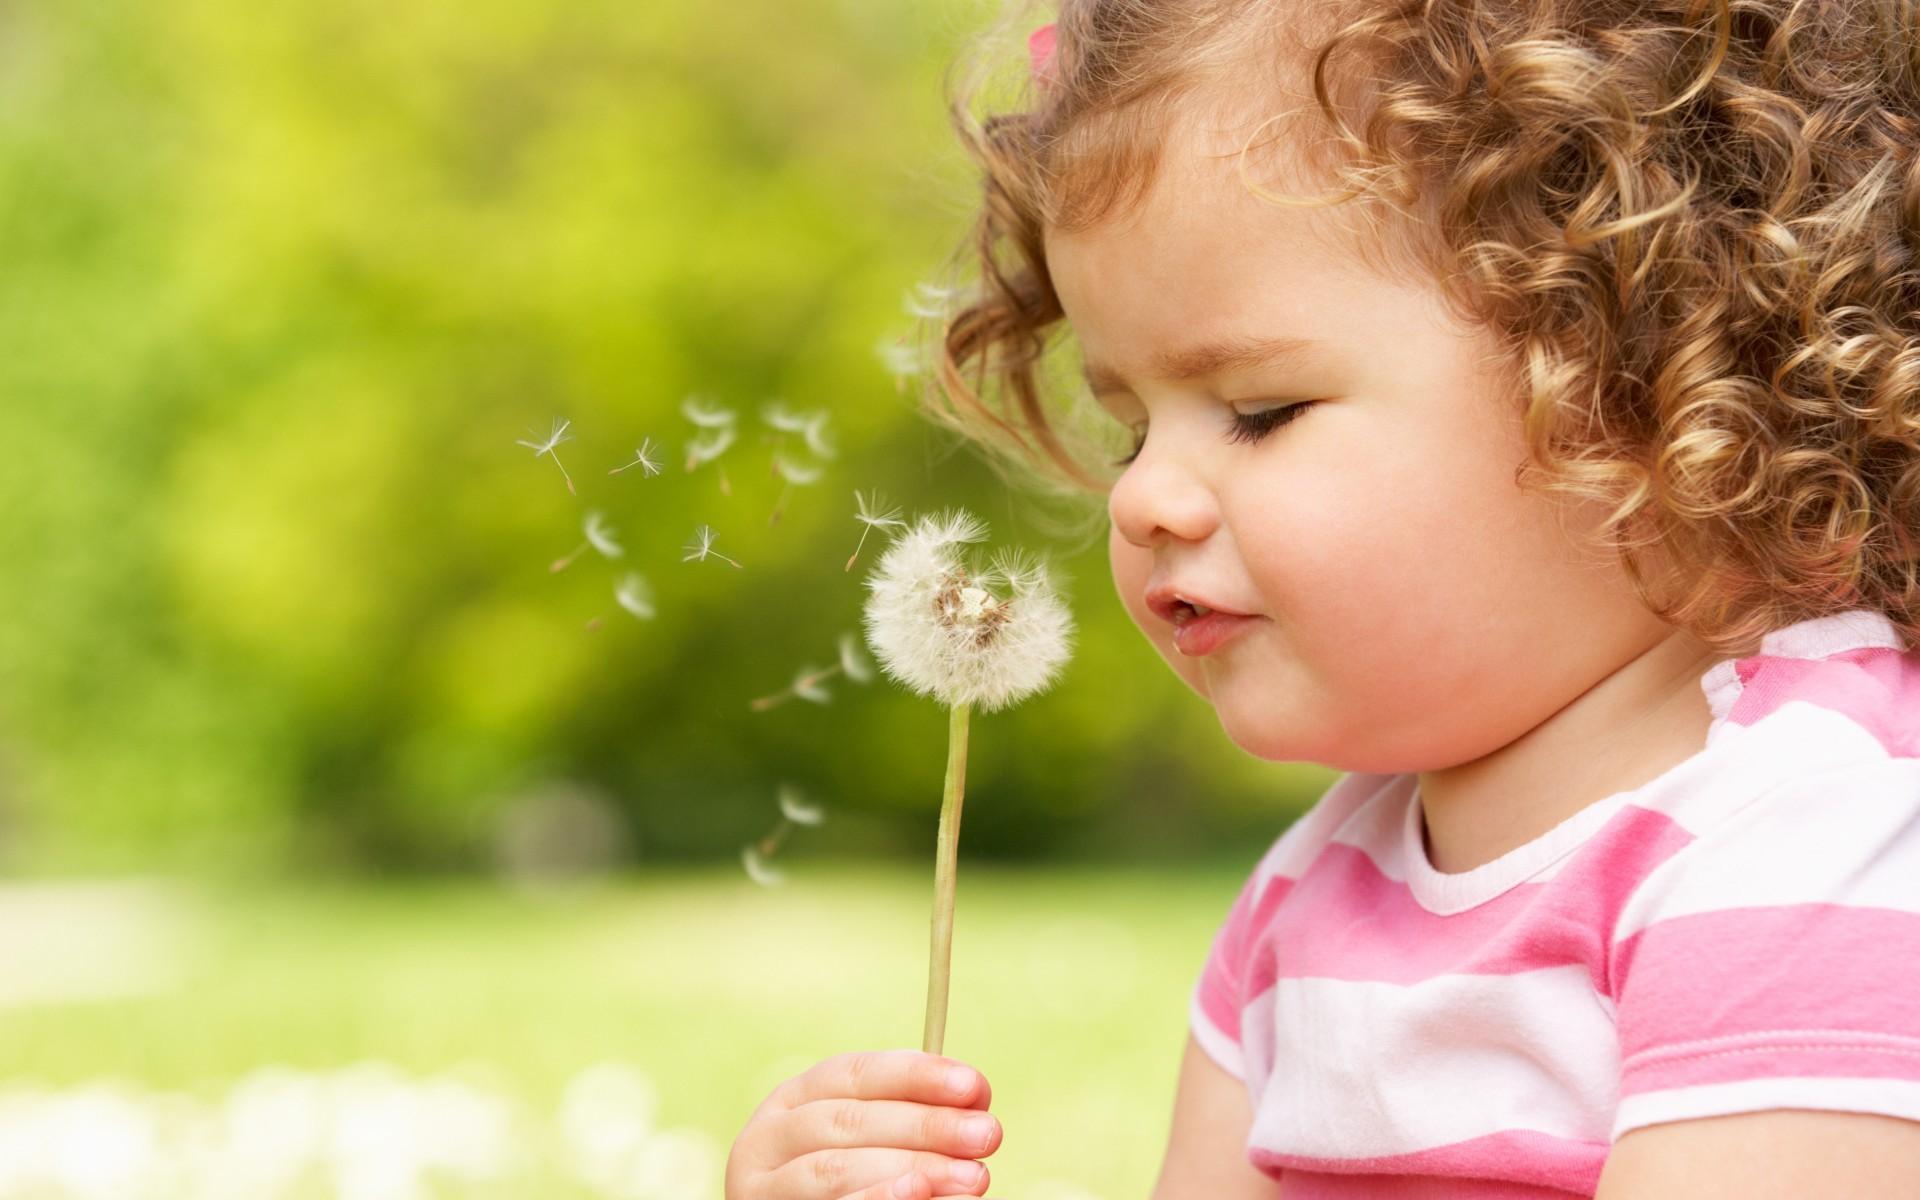 Действие природных аллергенов на ребенка